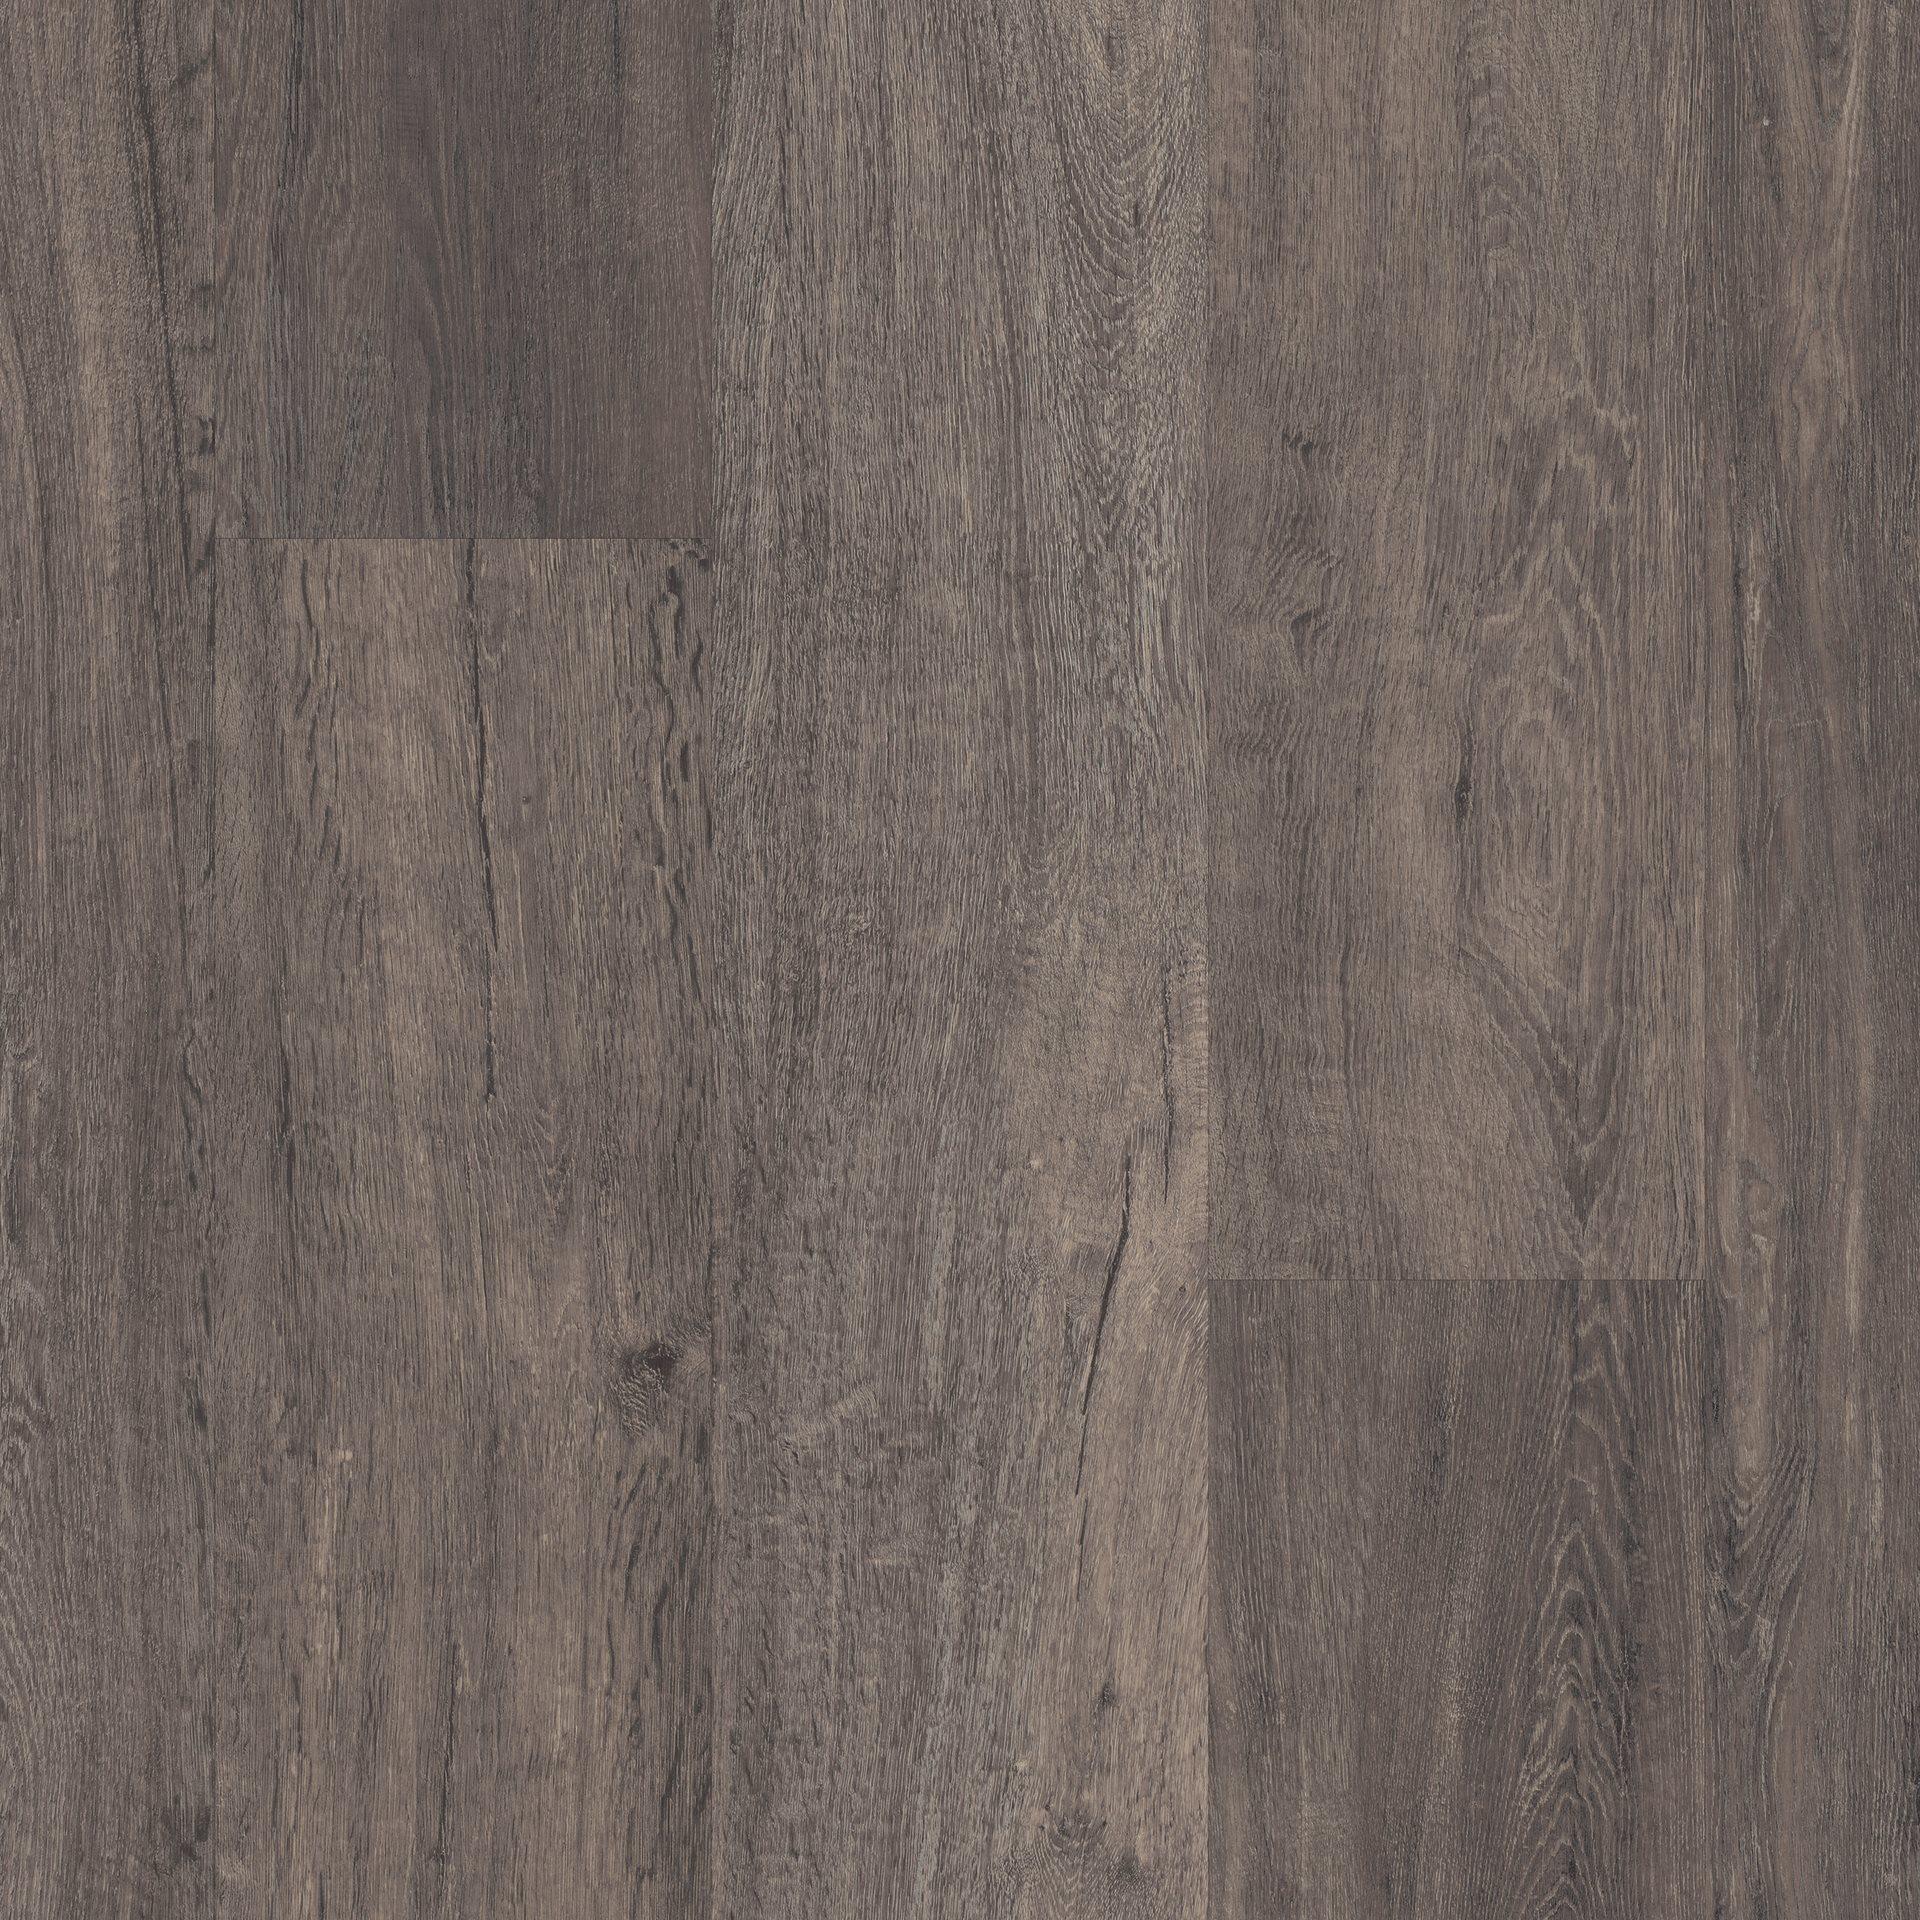 Karndean Looselay Longboard Raven Oak Vinyl Plank